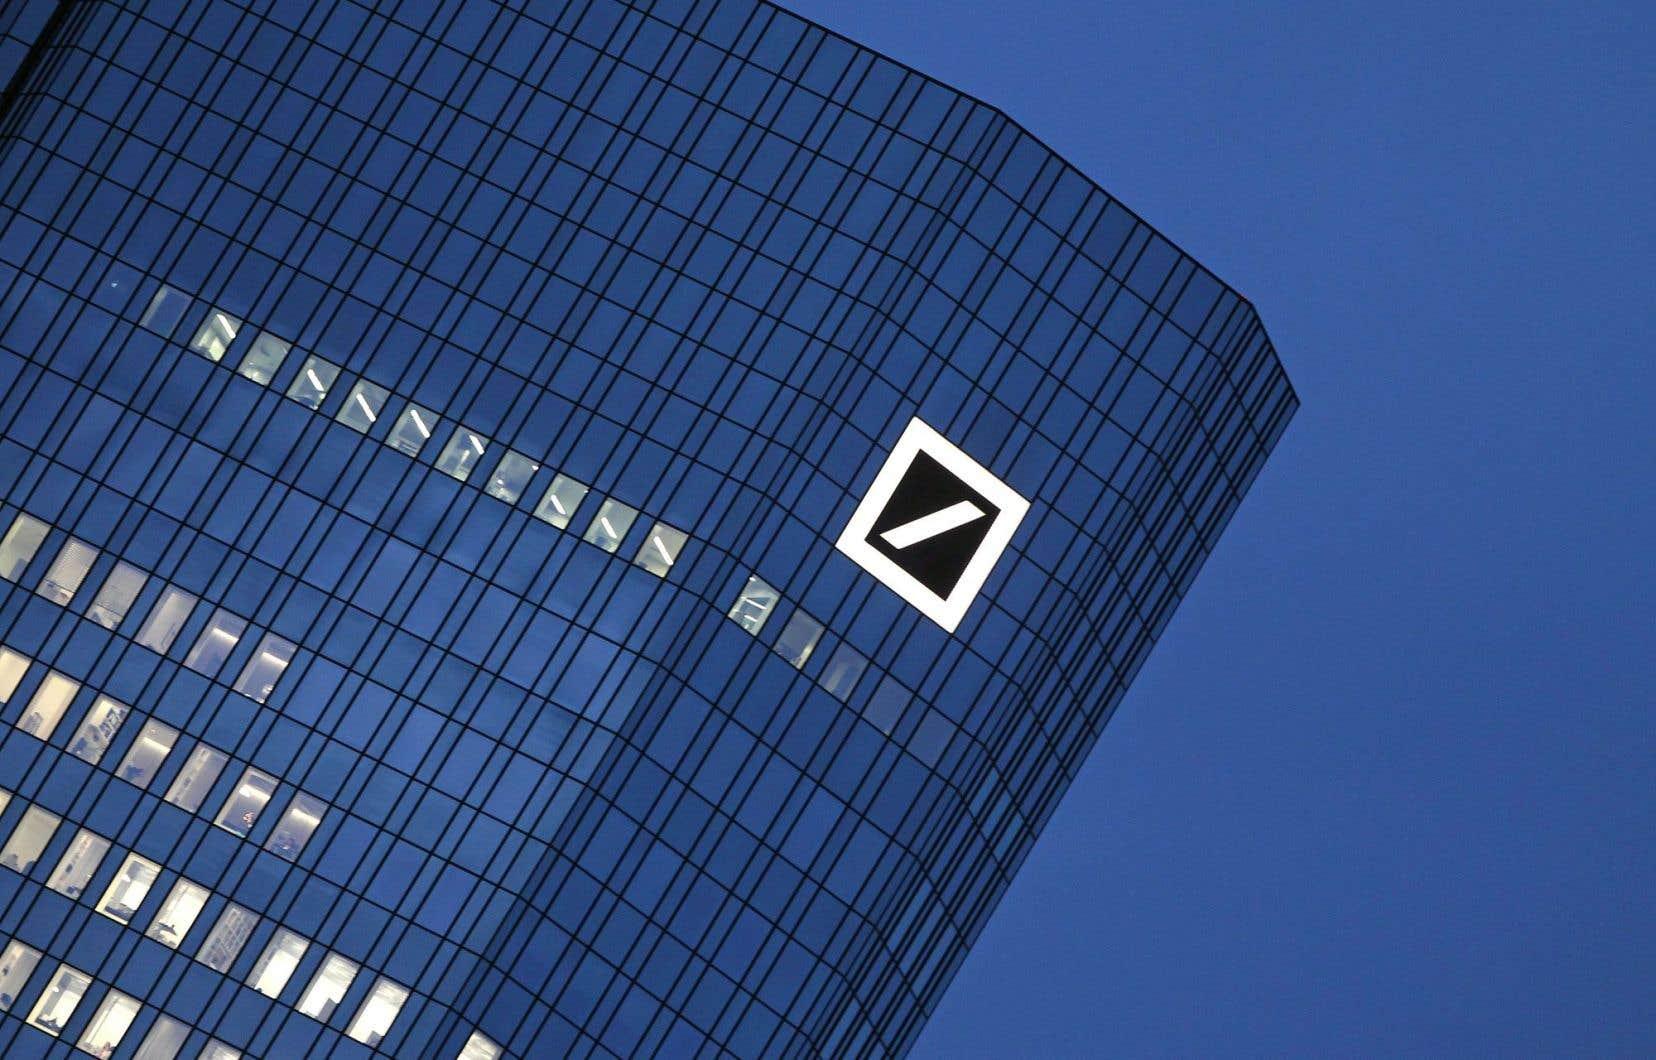 L'agence de notation Standard and Poor's a estimé que la note BBB + attribuée à Deutsche Bank n'était pas affectée par ces négociations aux États-Unis.